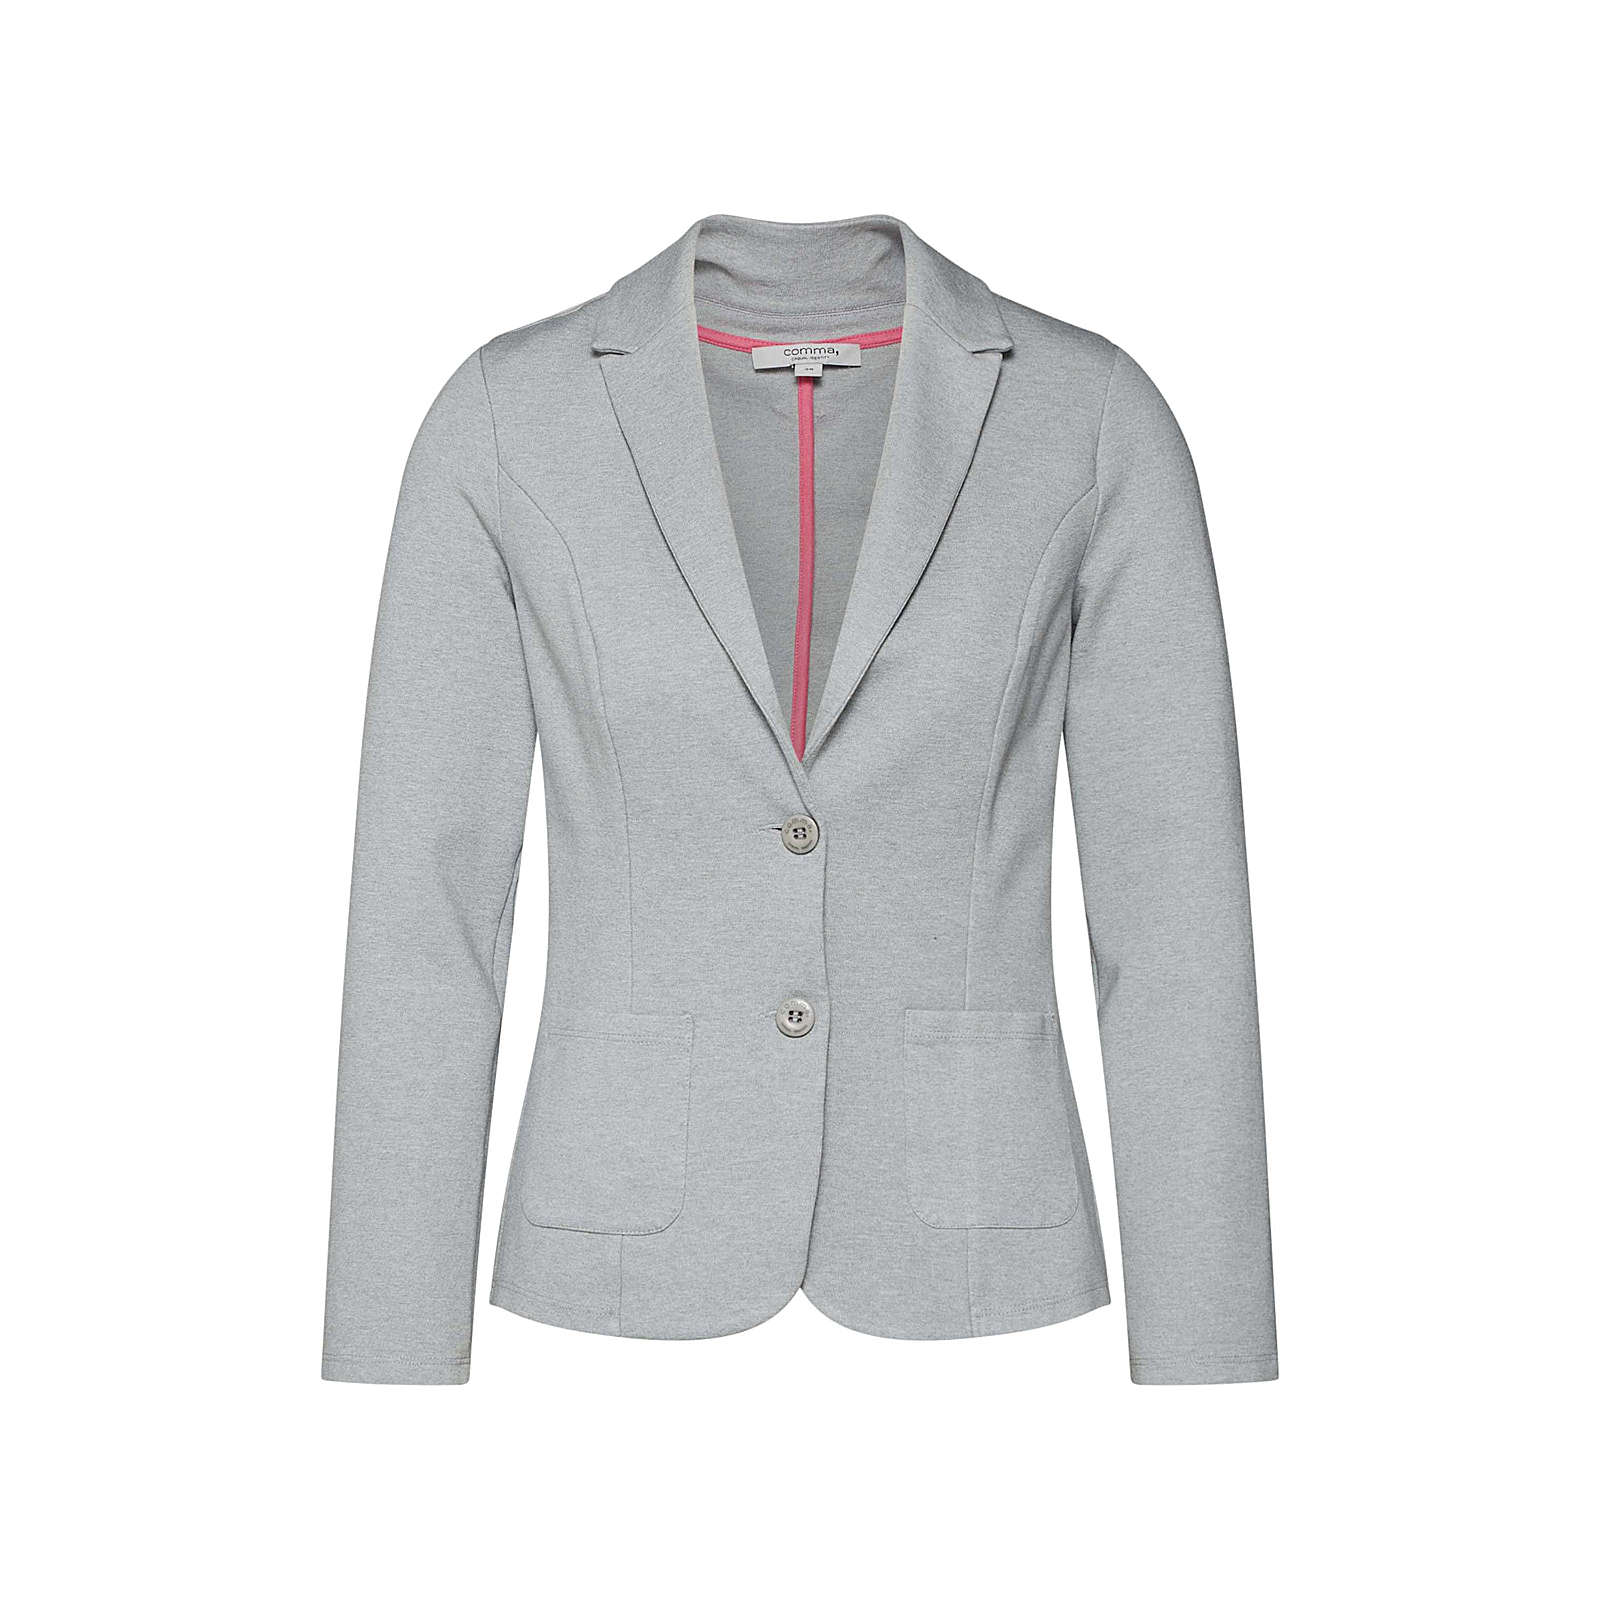 COMMA Blazer Sweatblazer grau Damen Gr. 36